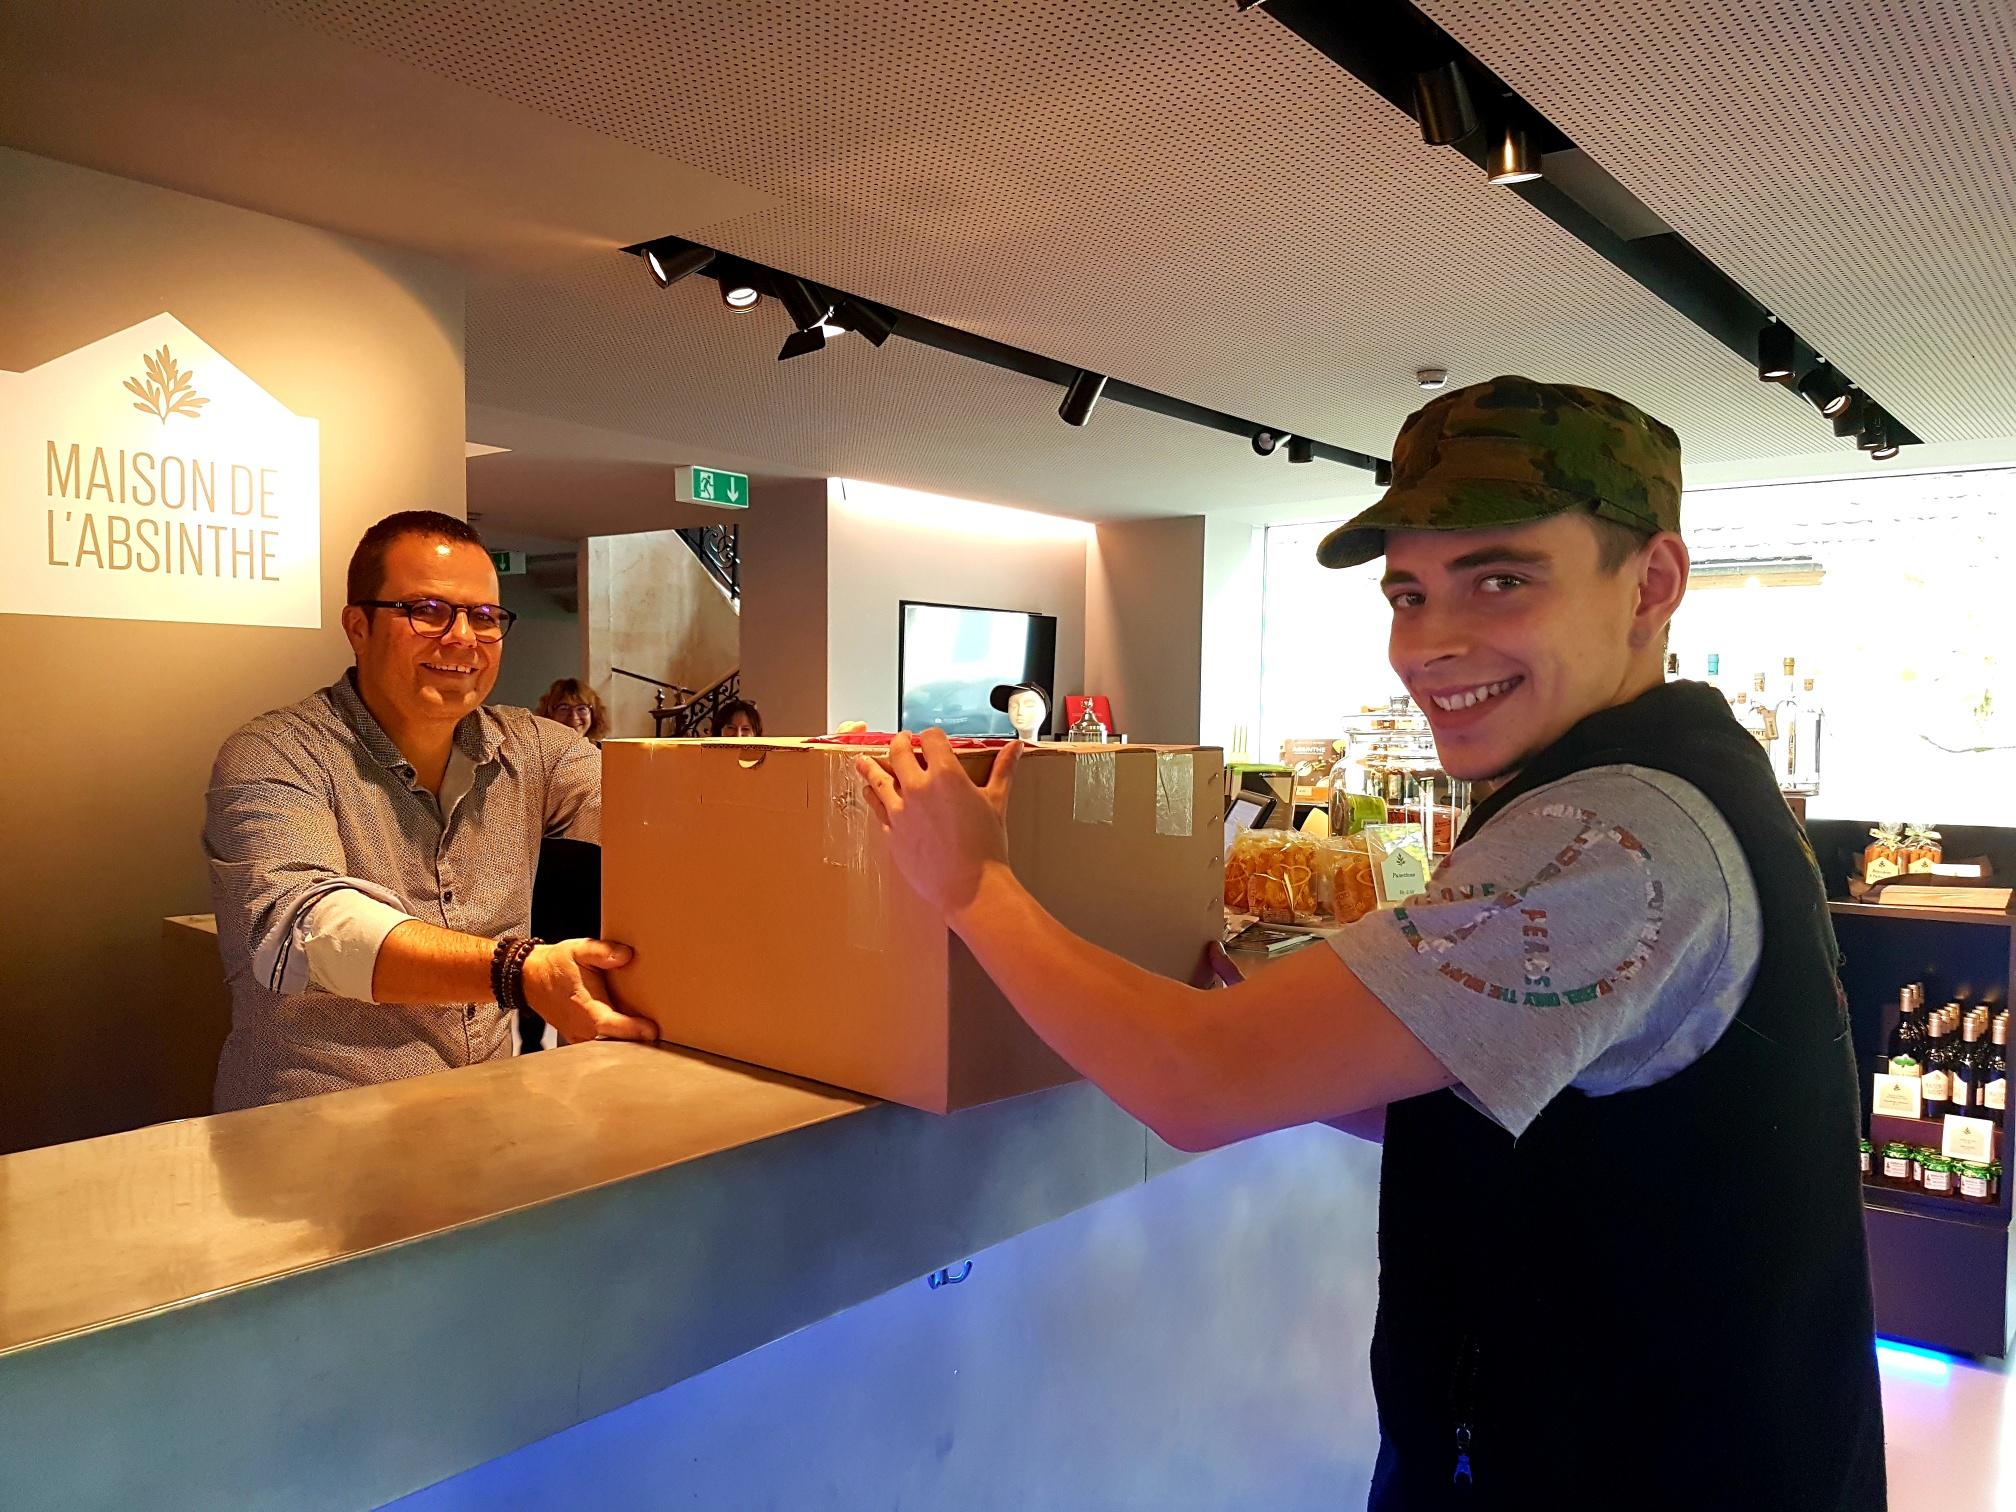 L'intraprendente responsabile della filiale, Yann Klauser, consegna un pacco a un cliente.